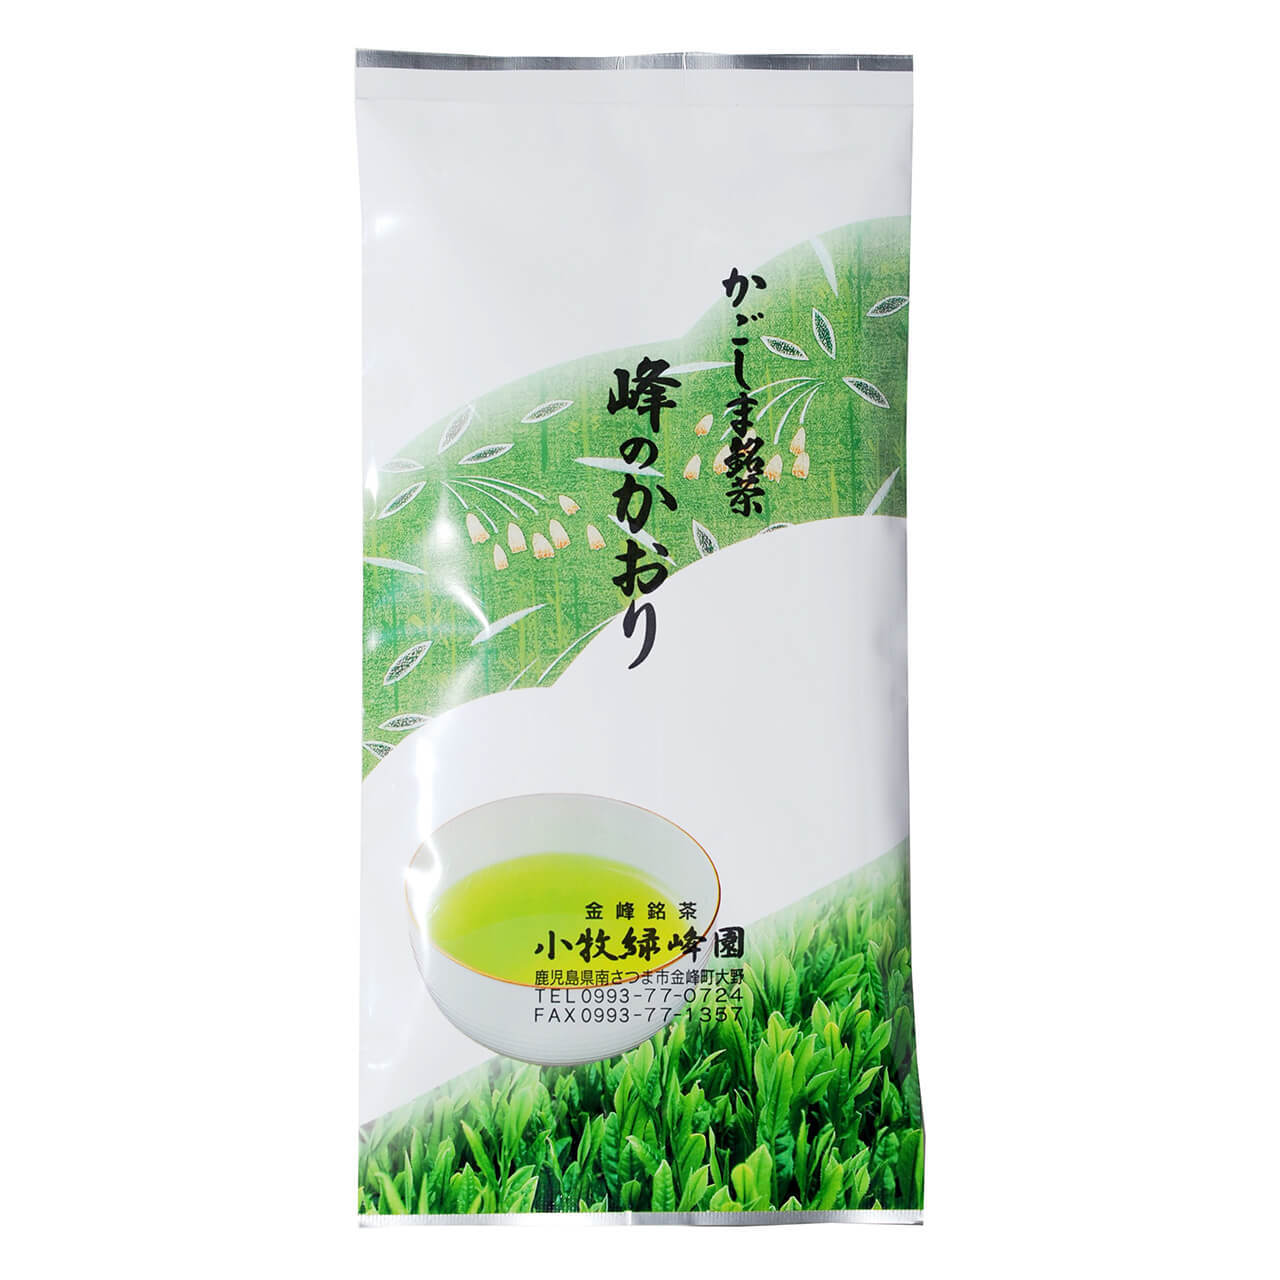 お茶 緑茶 お茶の葉 峰のかおり 緑 100g 1袋 鹿児島 小牧緑峰園